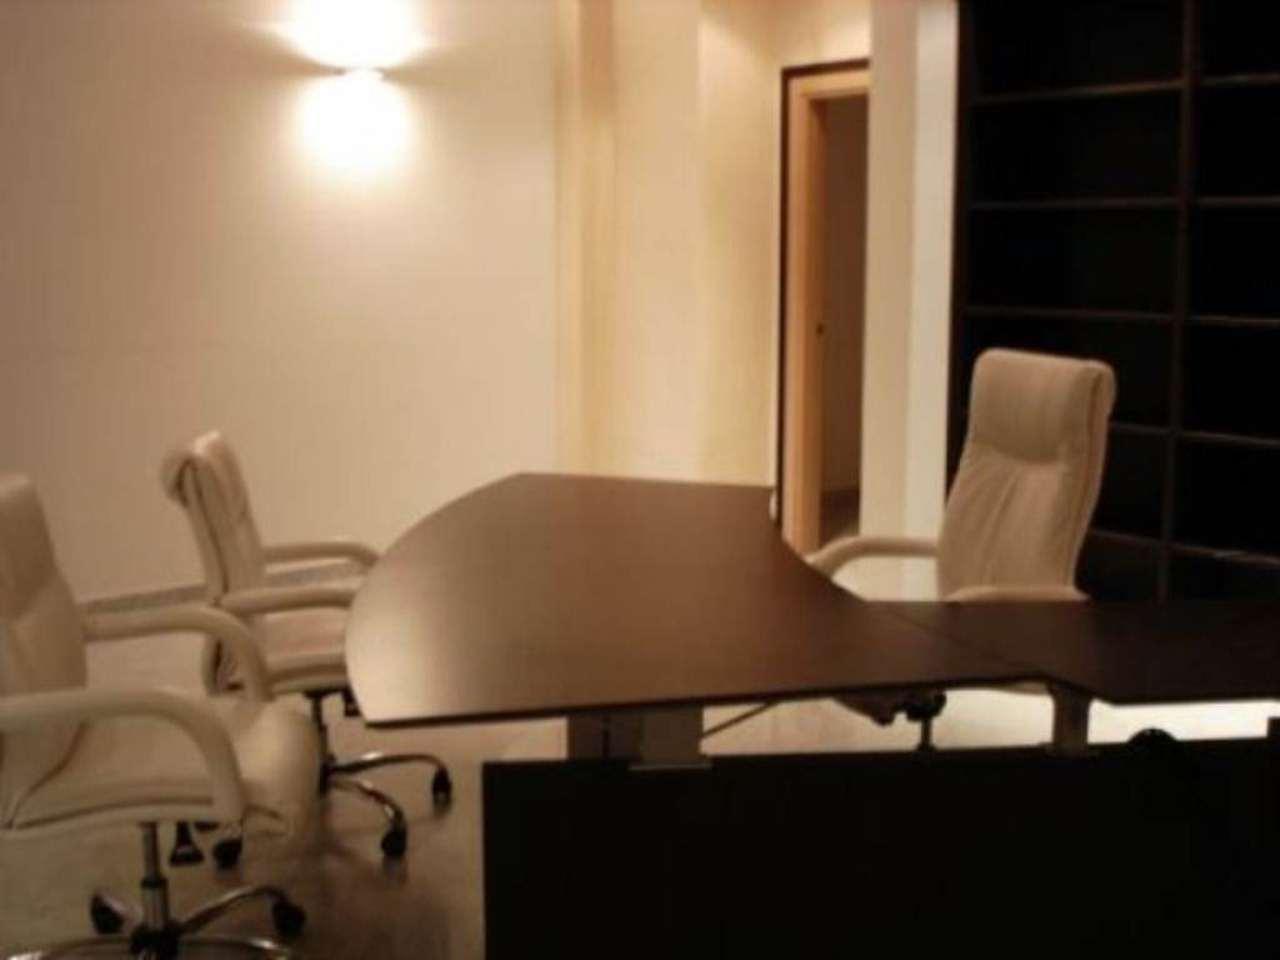 Ufficio / Studio in affitto a Cusano Milanino, 6 locali, prezzo € 3.000 | Cambio Casa.it